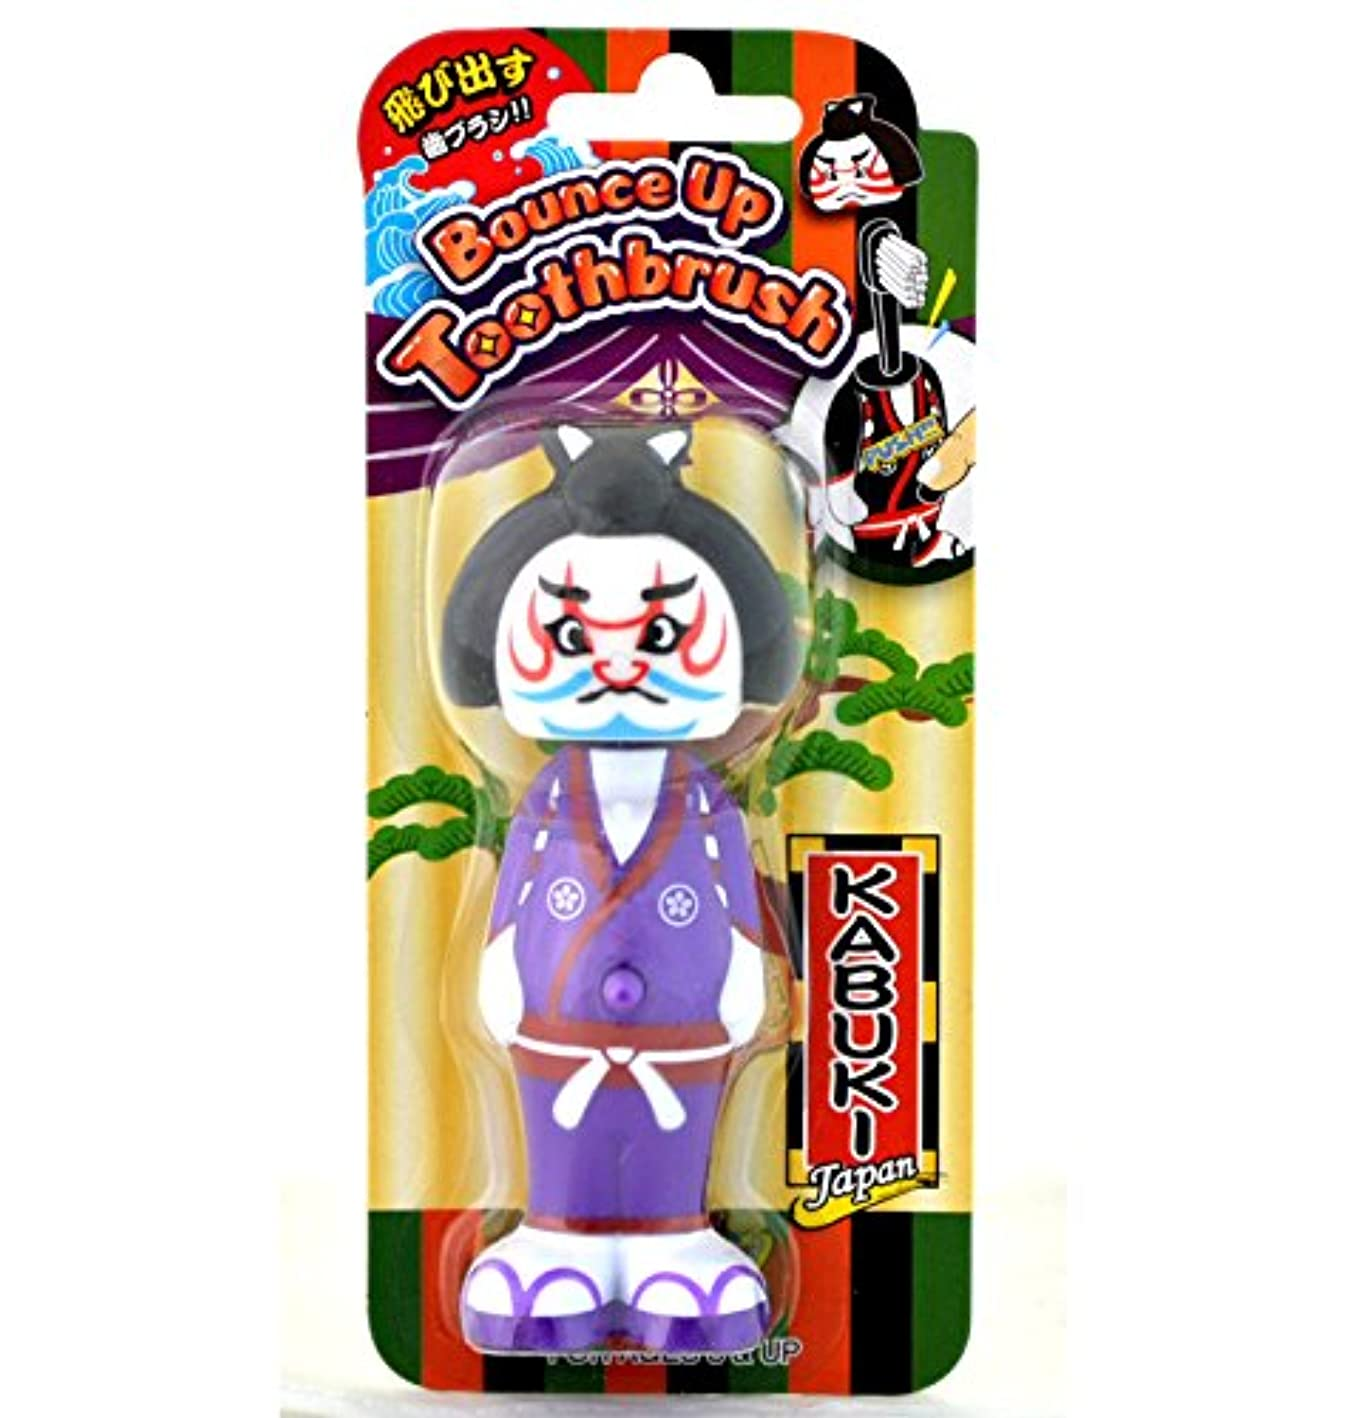 マッシュ浪費市民バウンスアップ歯ブラシ 歌舞伎 パープル